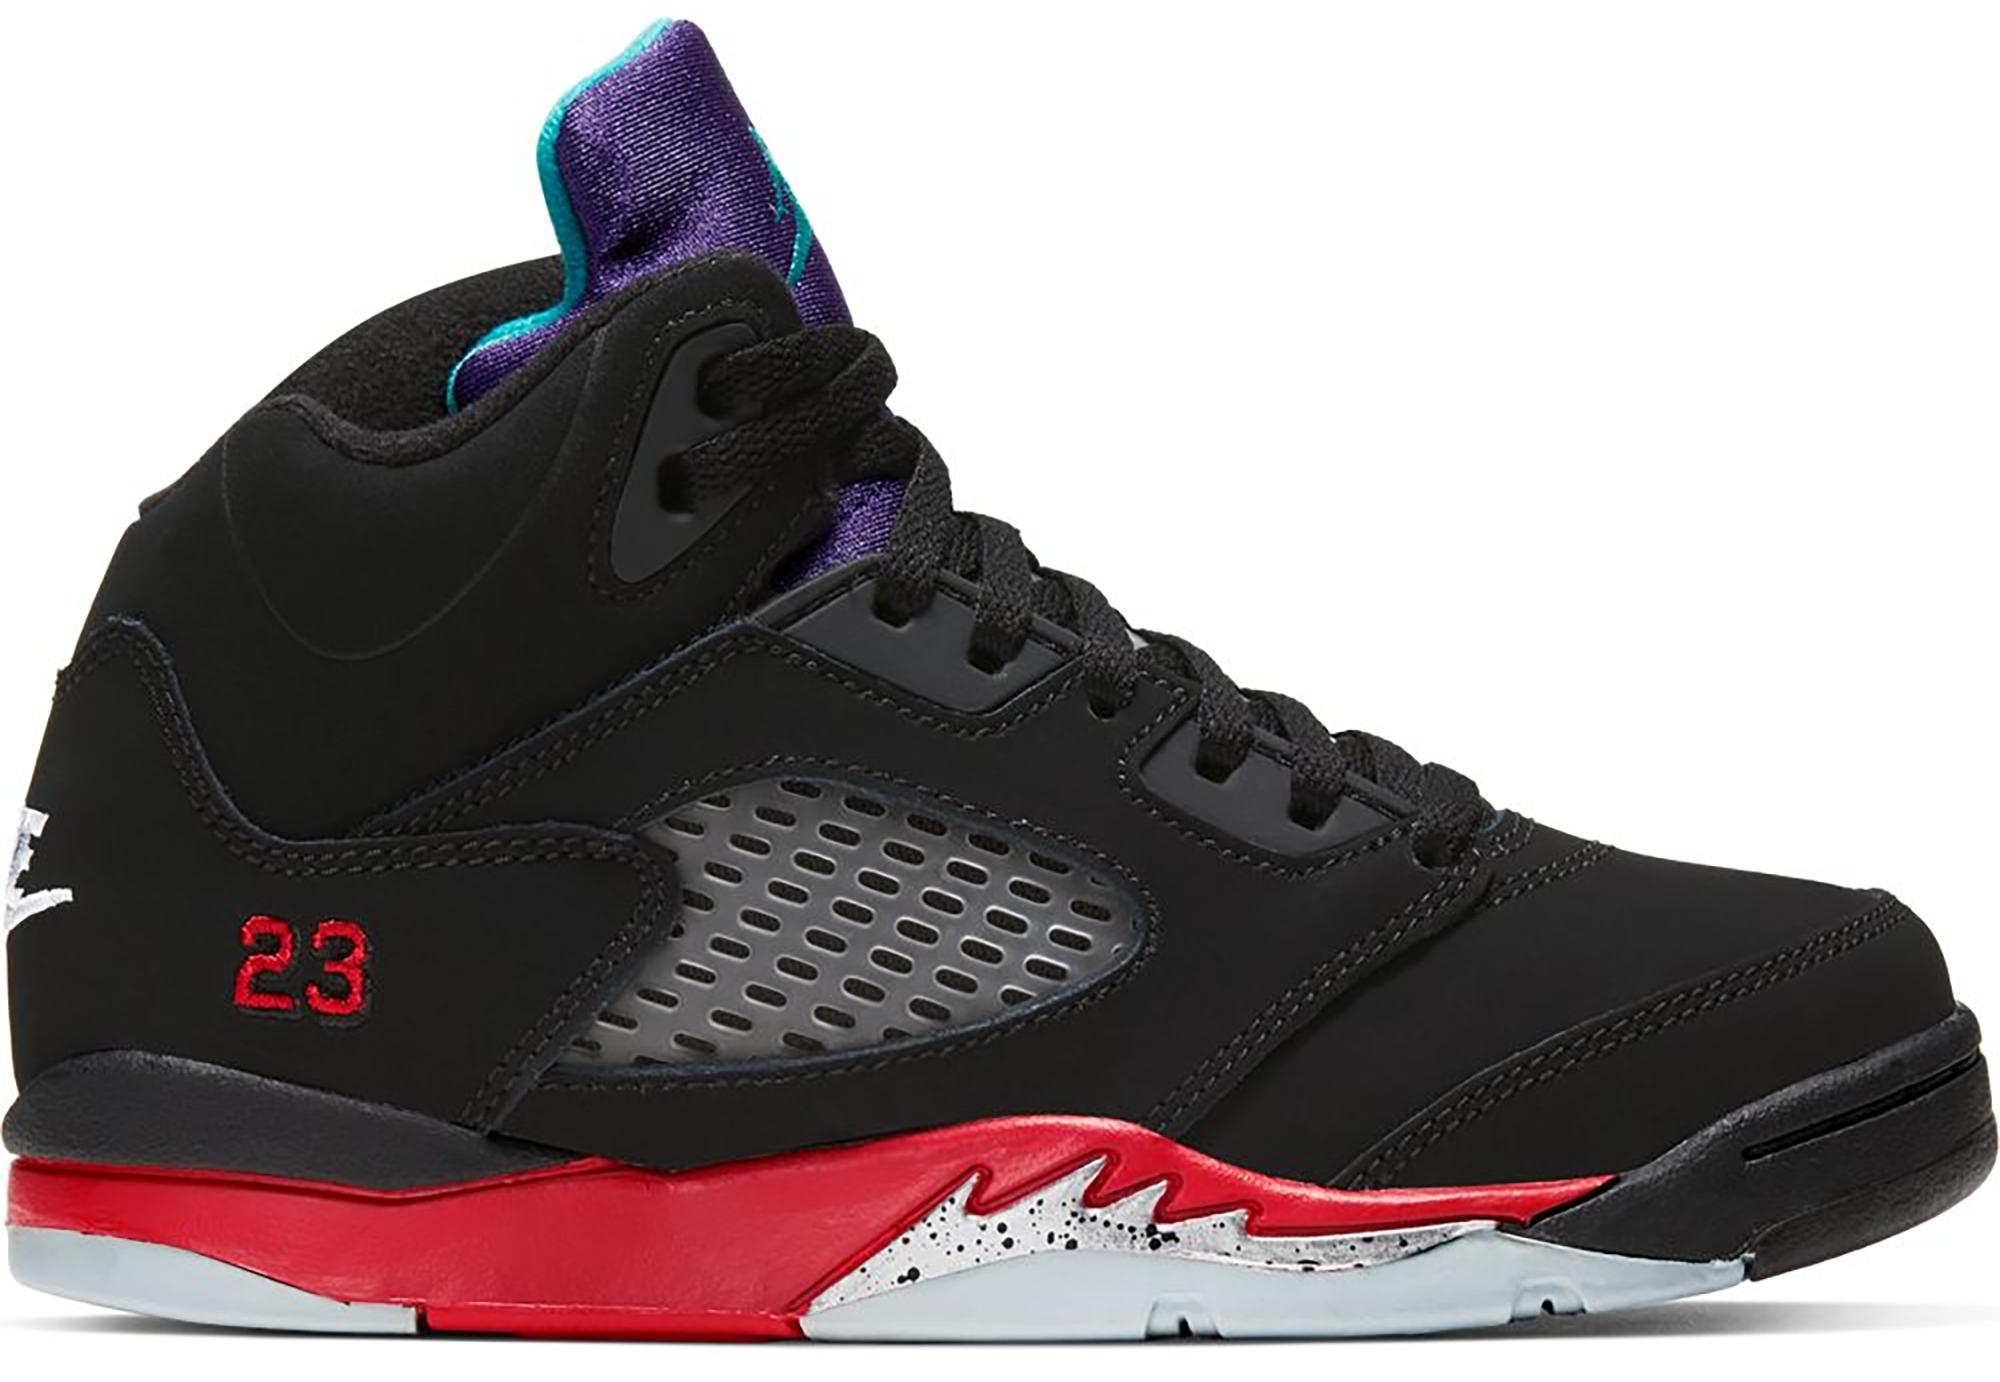 Jordan 5 Retro Top 3 (PS) - CZ2990-001